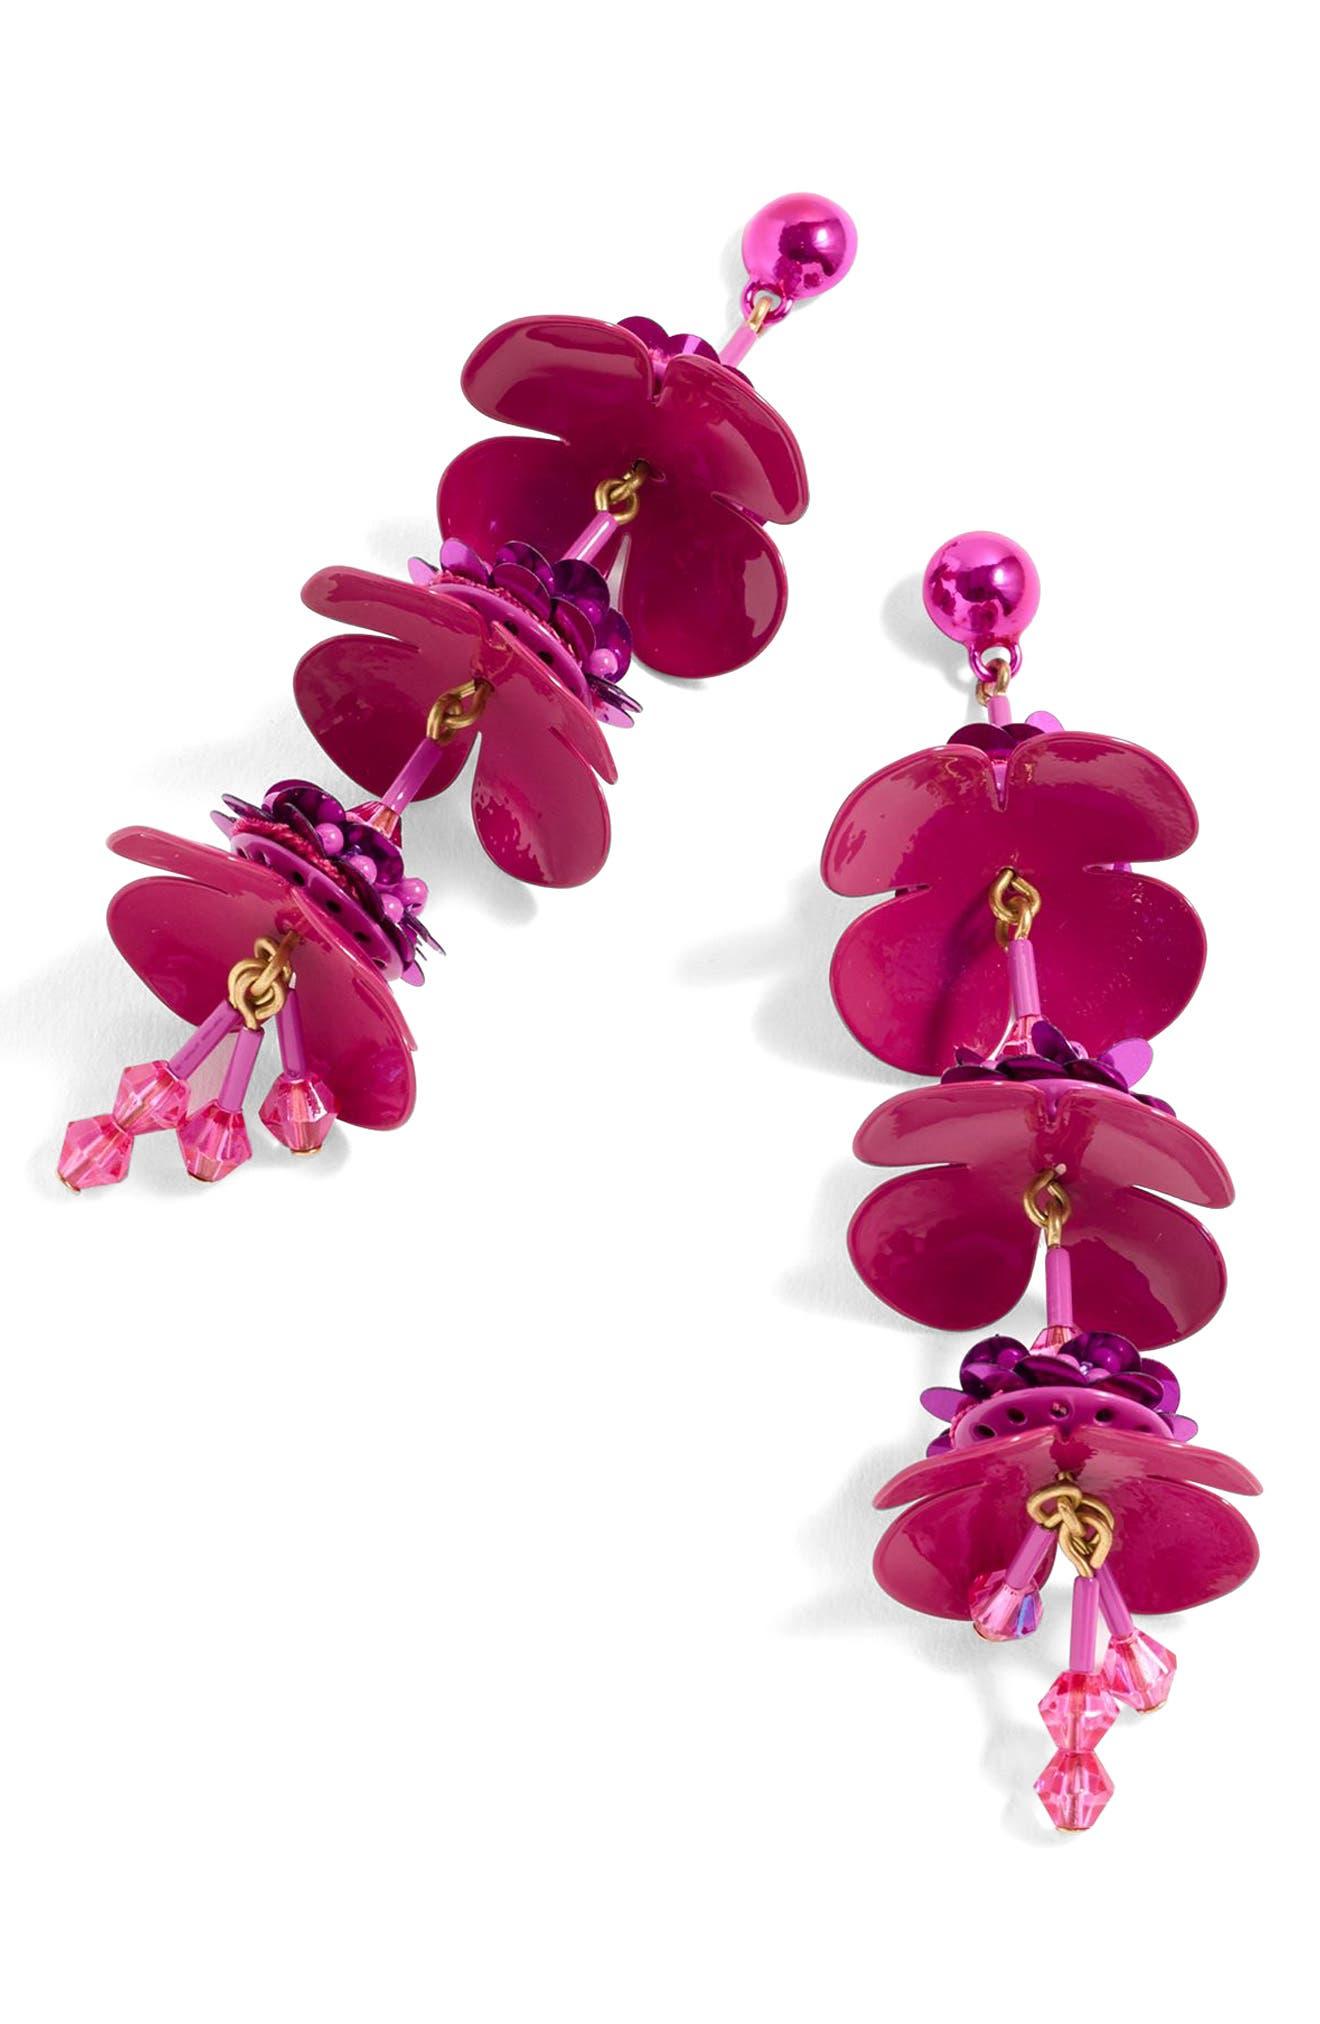 Bead & Blossom Earrings,                             Main thumbnail 2, color,